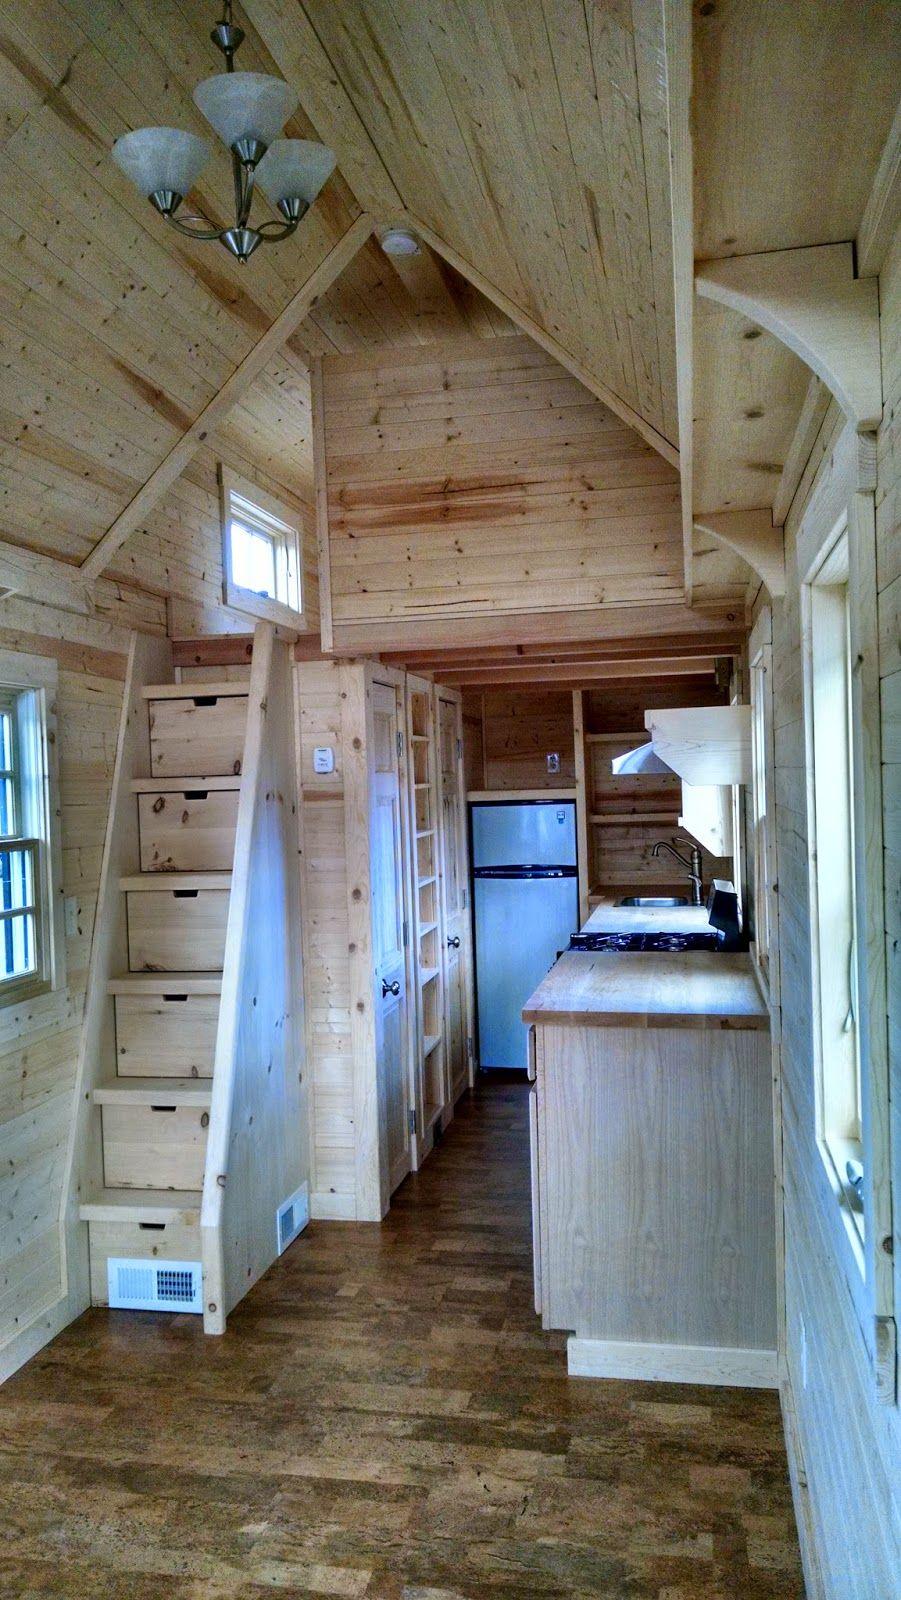 Charmant Bauwagen, Treppen, Haus Ideen, Architektur, Praktisch, Einrichten Und  Wohnen, Wohnen Im Mikrohaus, Kleines Haus Loft, Winzige Hausbauer